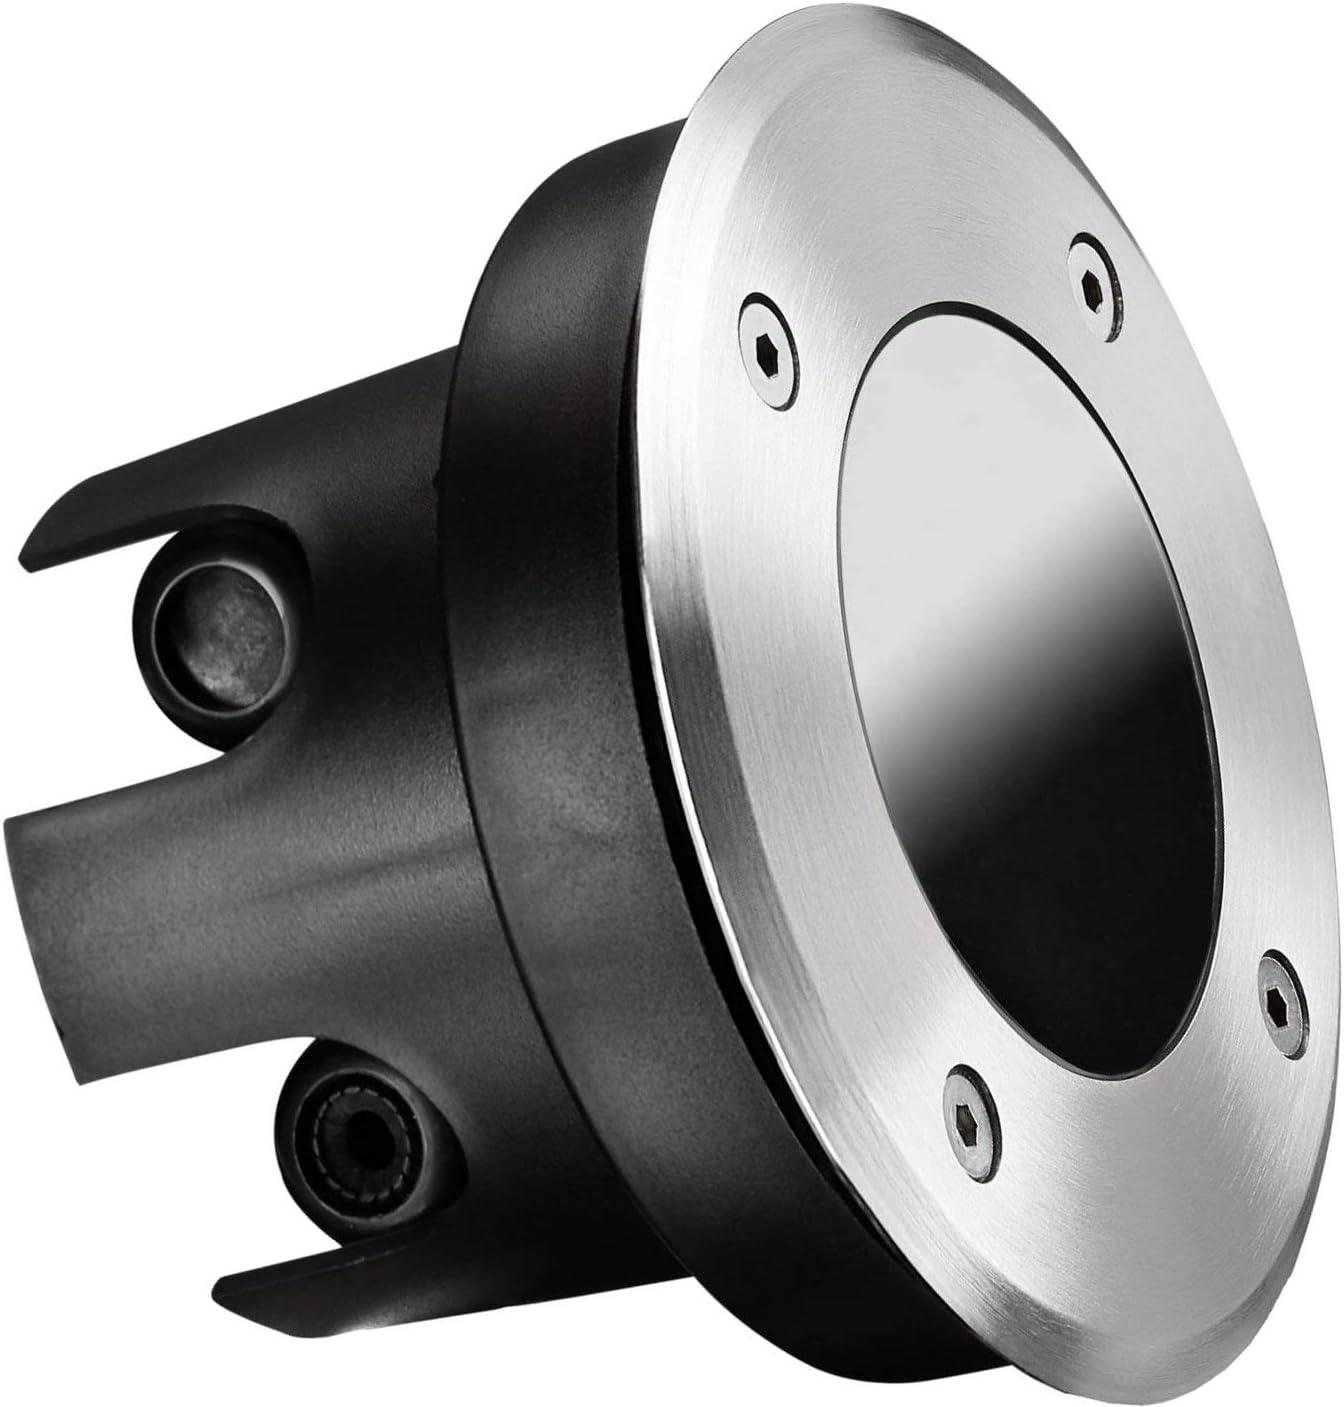 Foco empotrable en el suelo plano, redondo, IP67, acero inoxidable, cristal, soporta hasta 2000 kg, profundidad de montaje de 70 mm, solo adecuado para módulos LED.